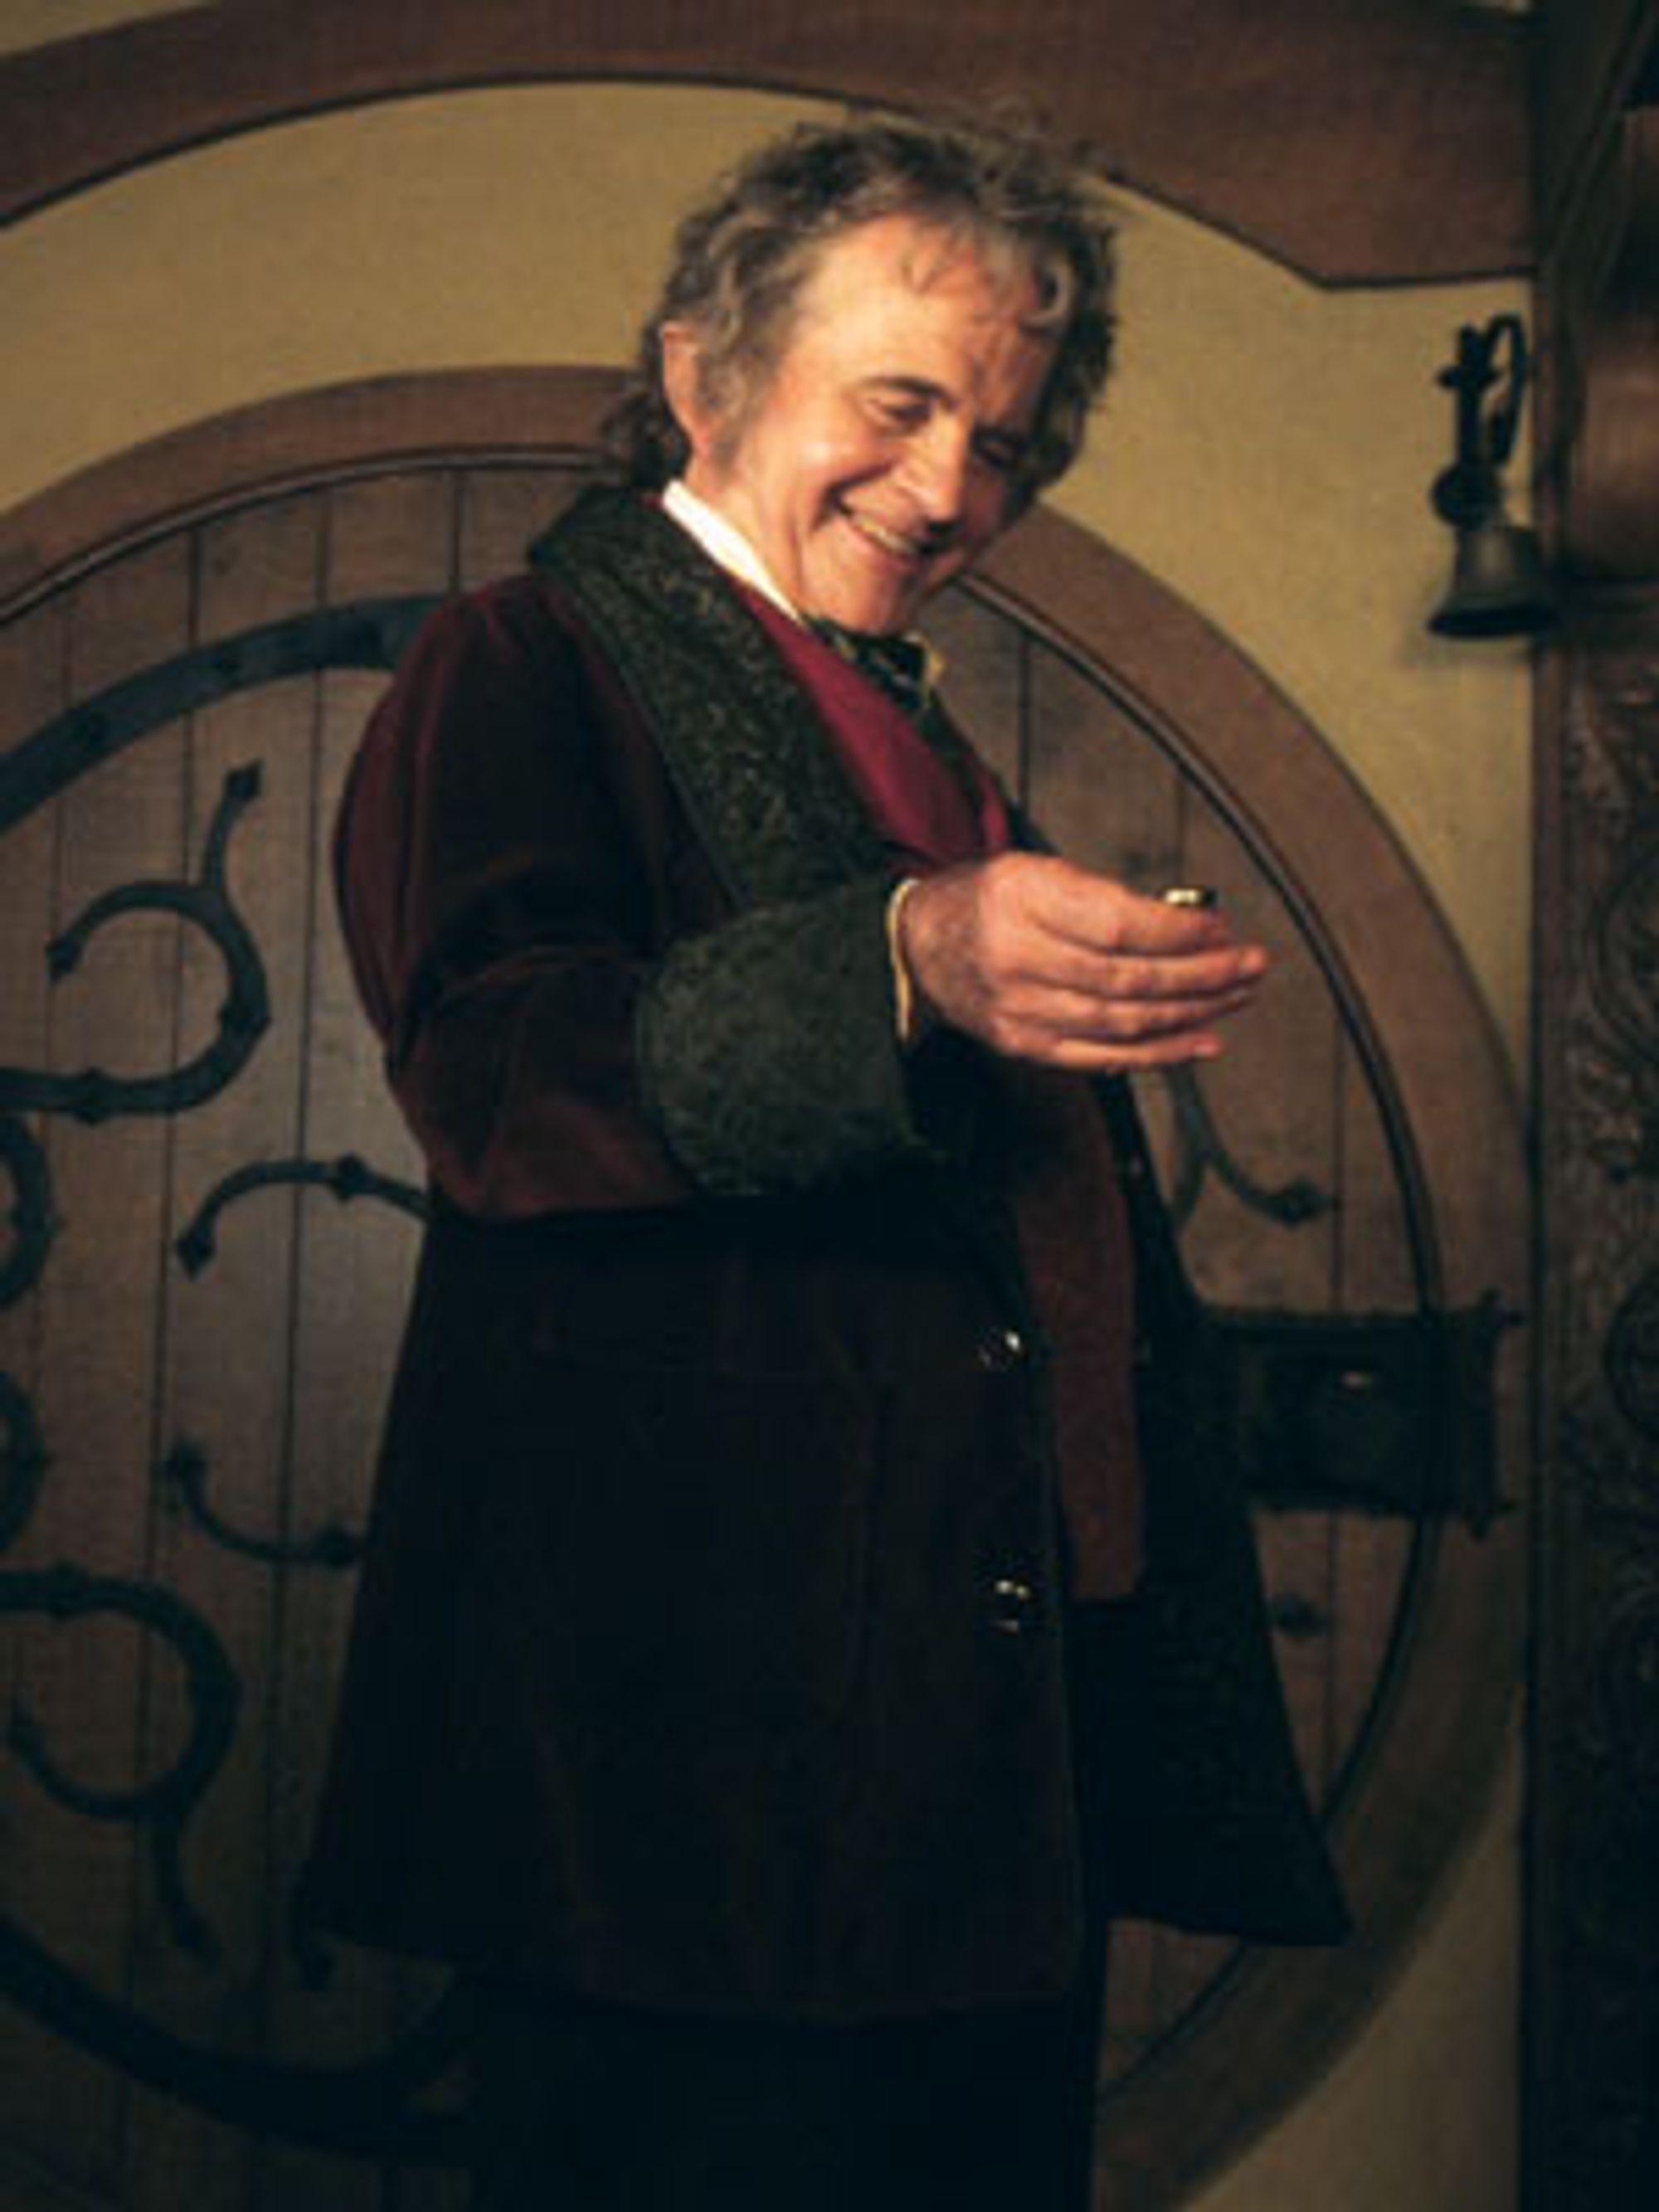 På grunn av et nytt søksmål mot New Line Cinema kan det drøye før vi får se Bilbo og ringen på kino igjen.